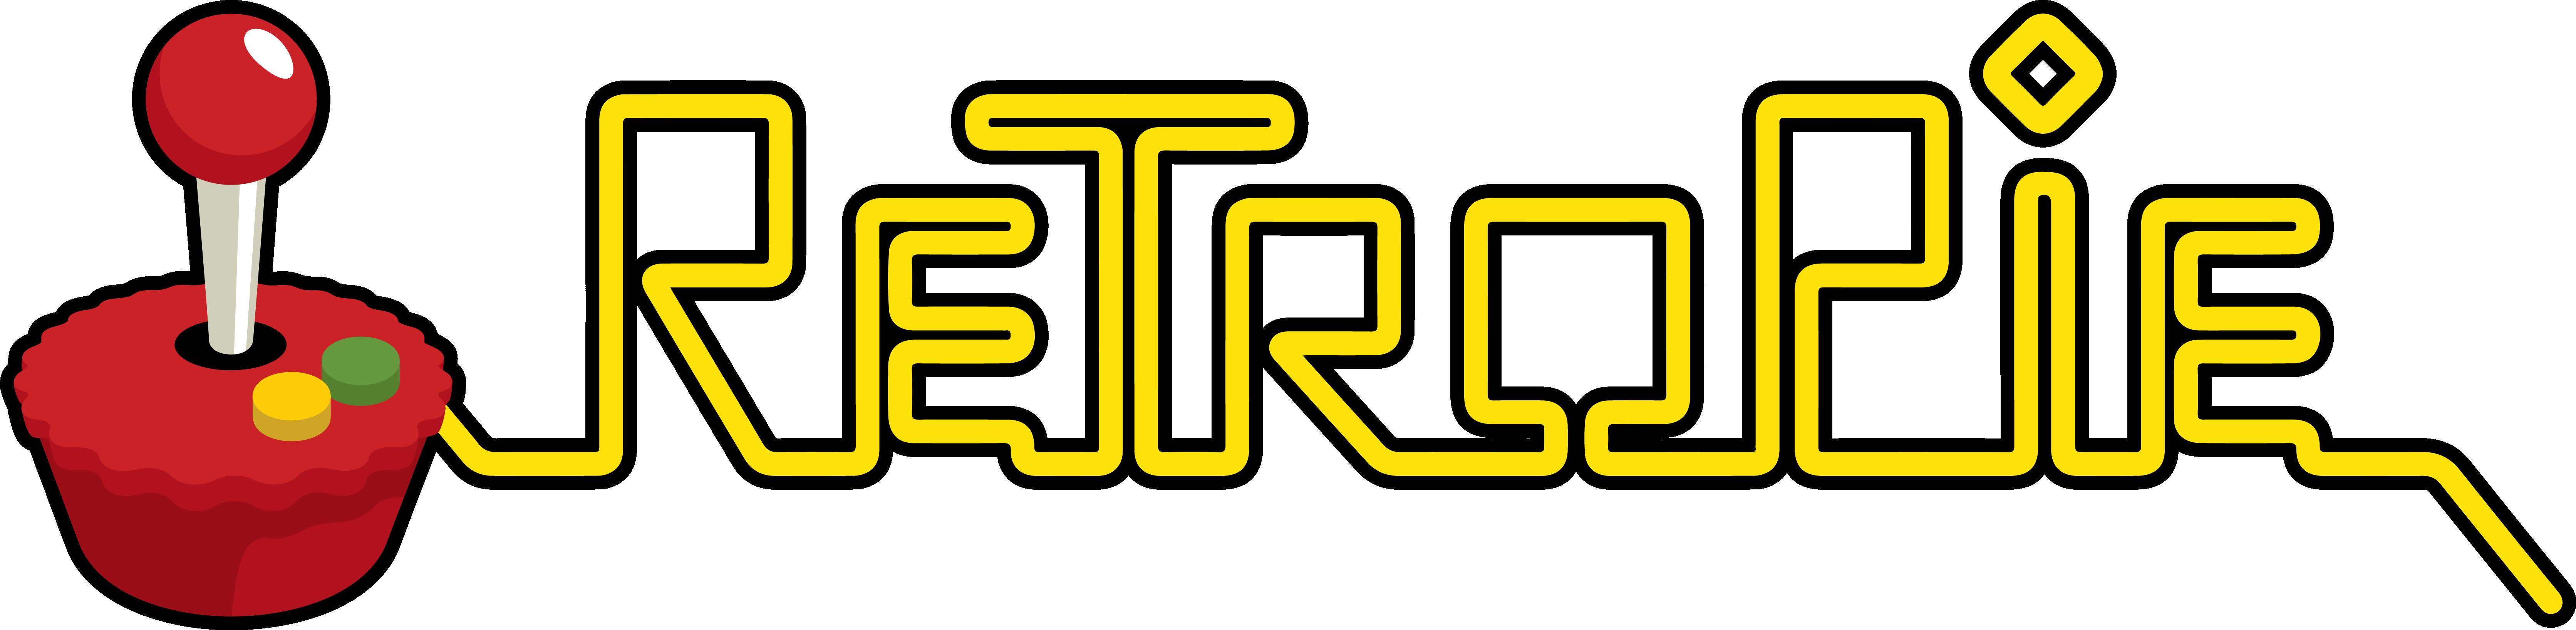 retropie-original-flat-outline